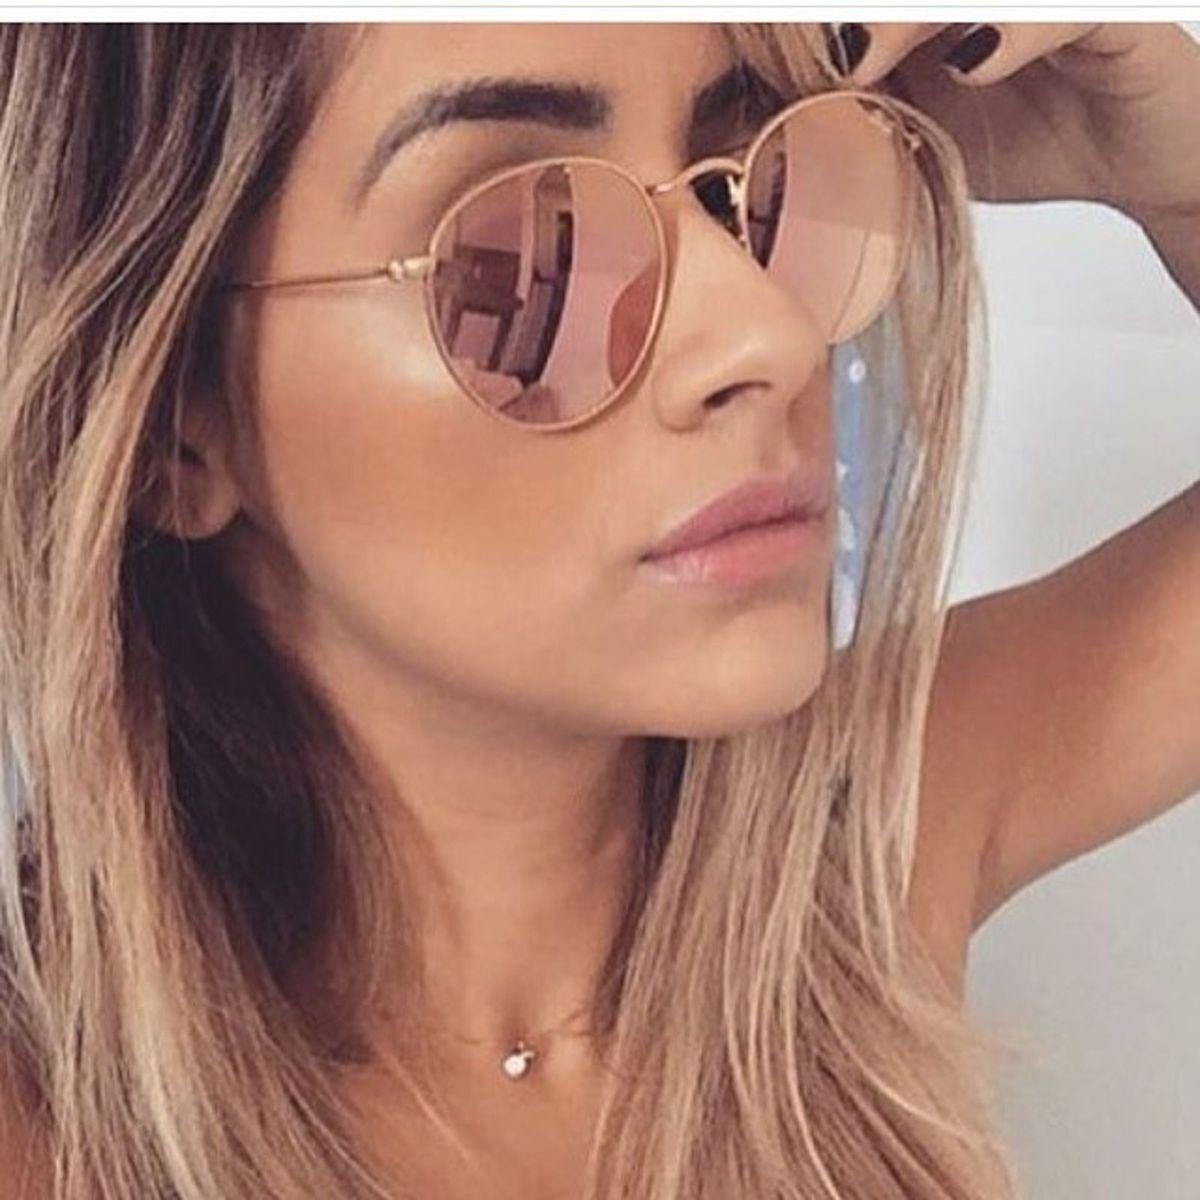 fd806814c3a8a Oculos Round Rosé Retrô Blogueiras 2016